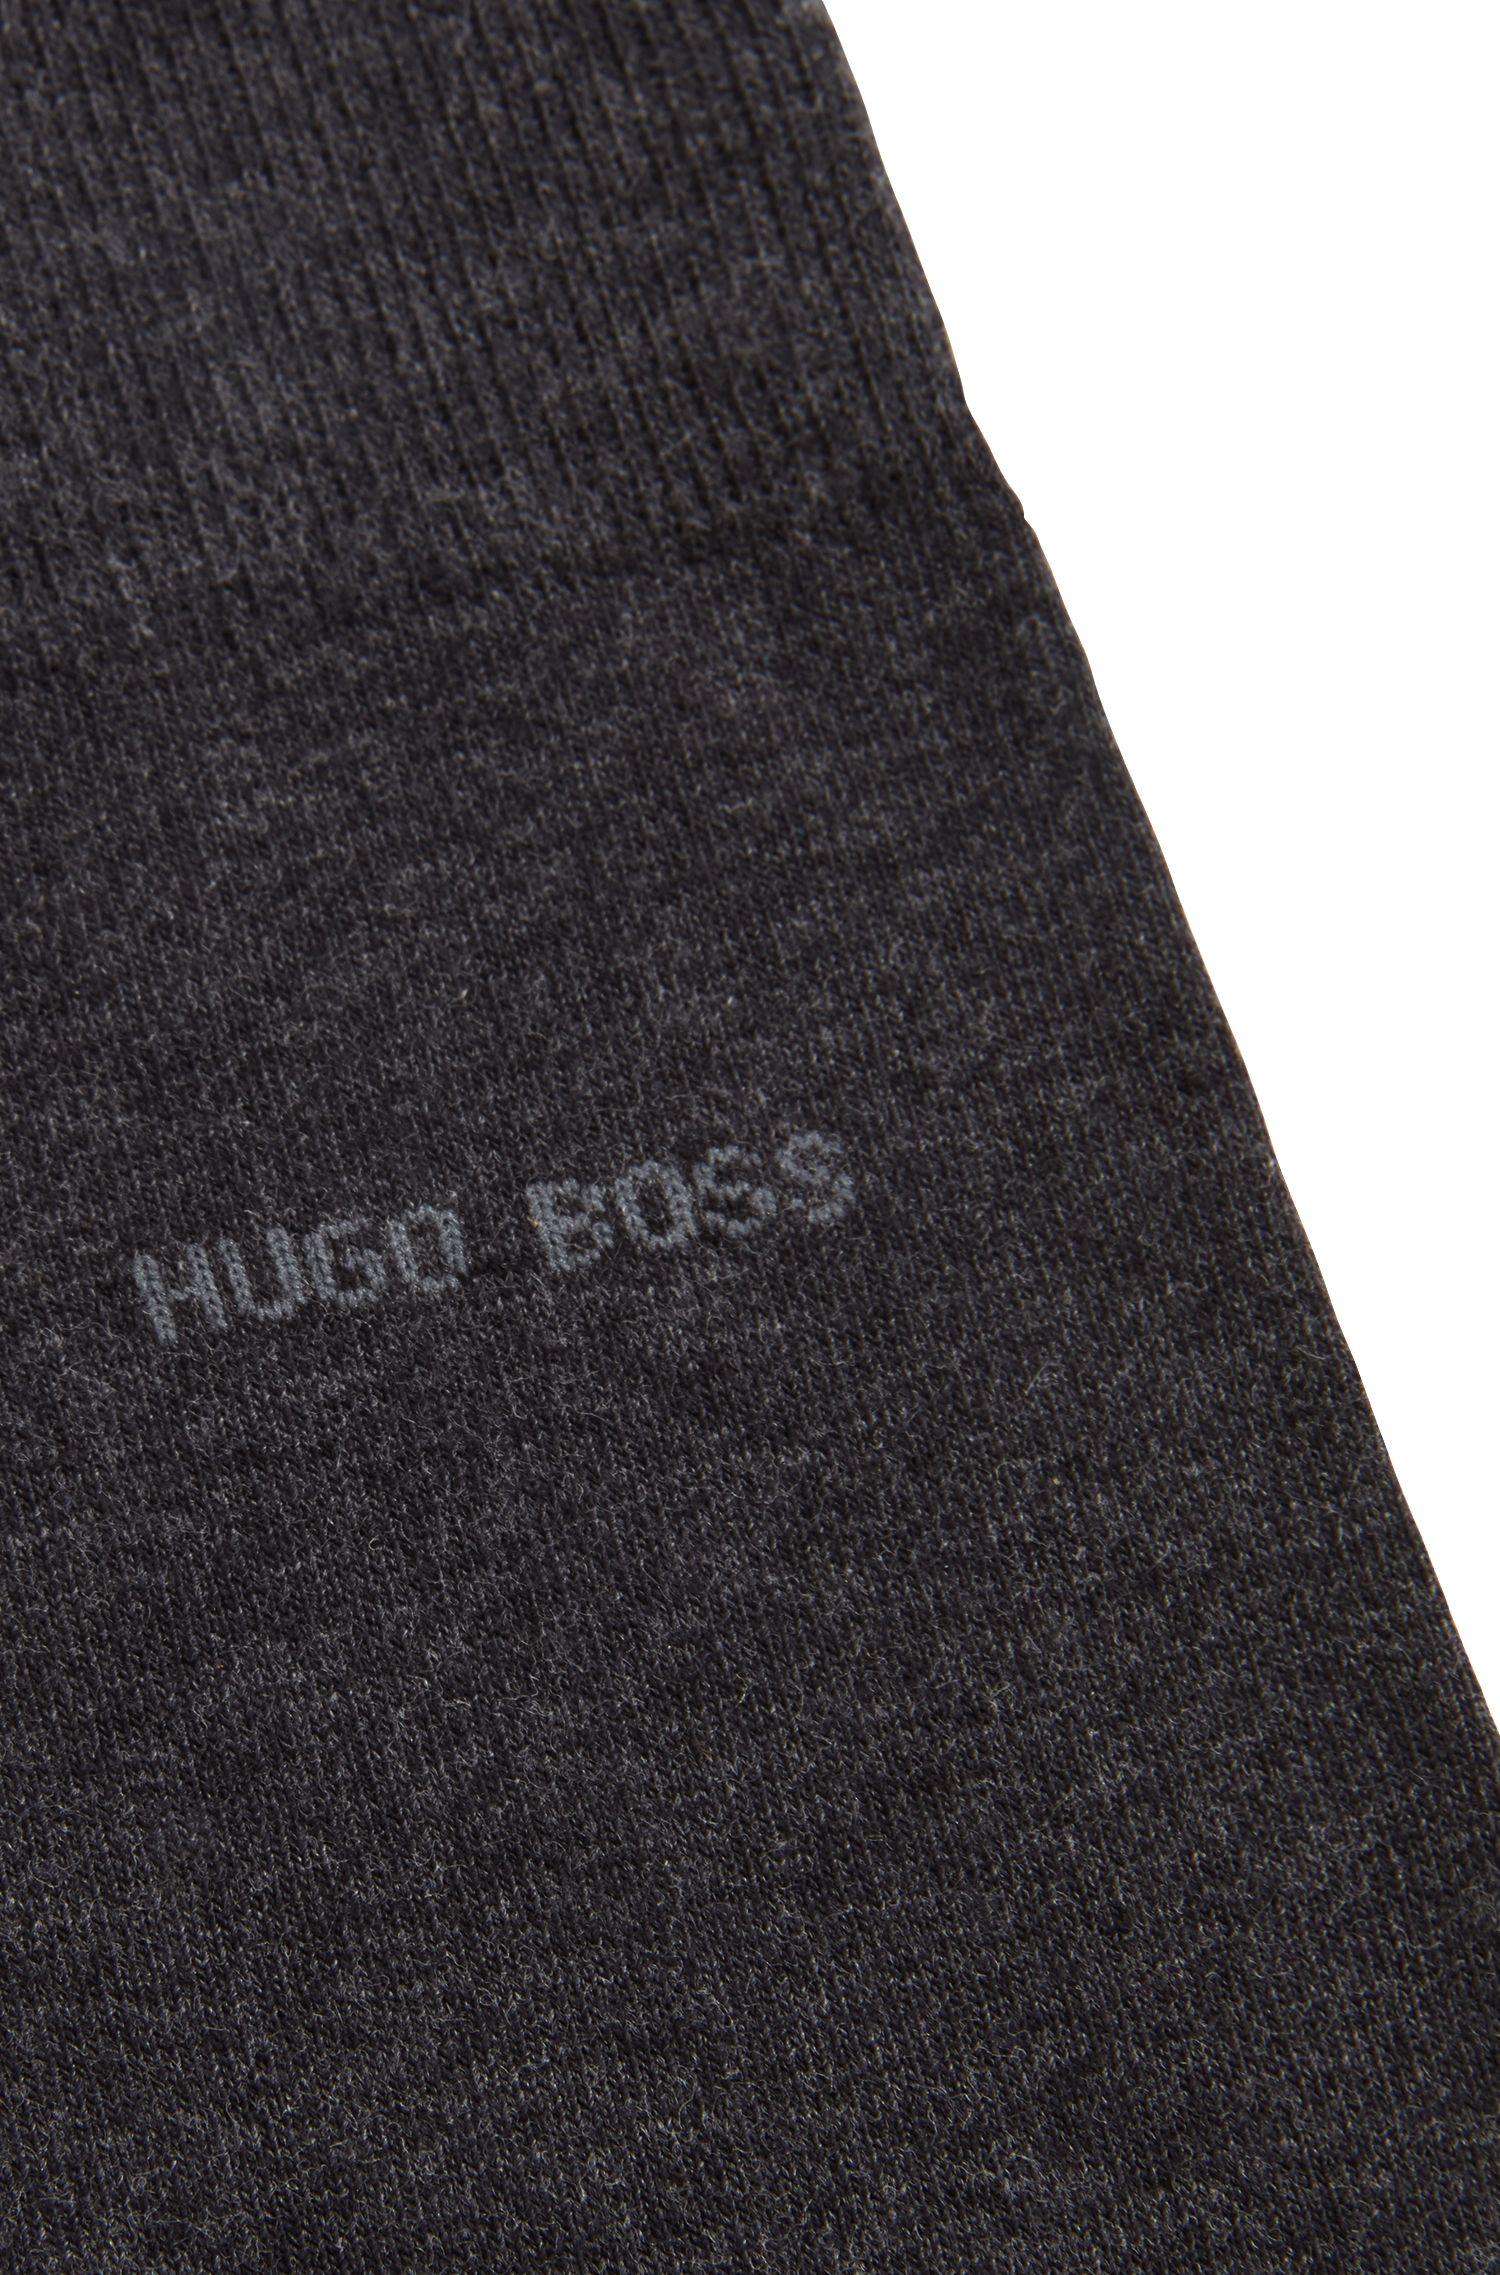 Calze in cotone ecologico pettinato con tessuto elasticizzato, Grigio antracite